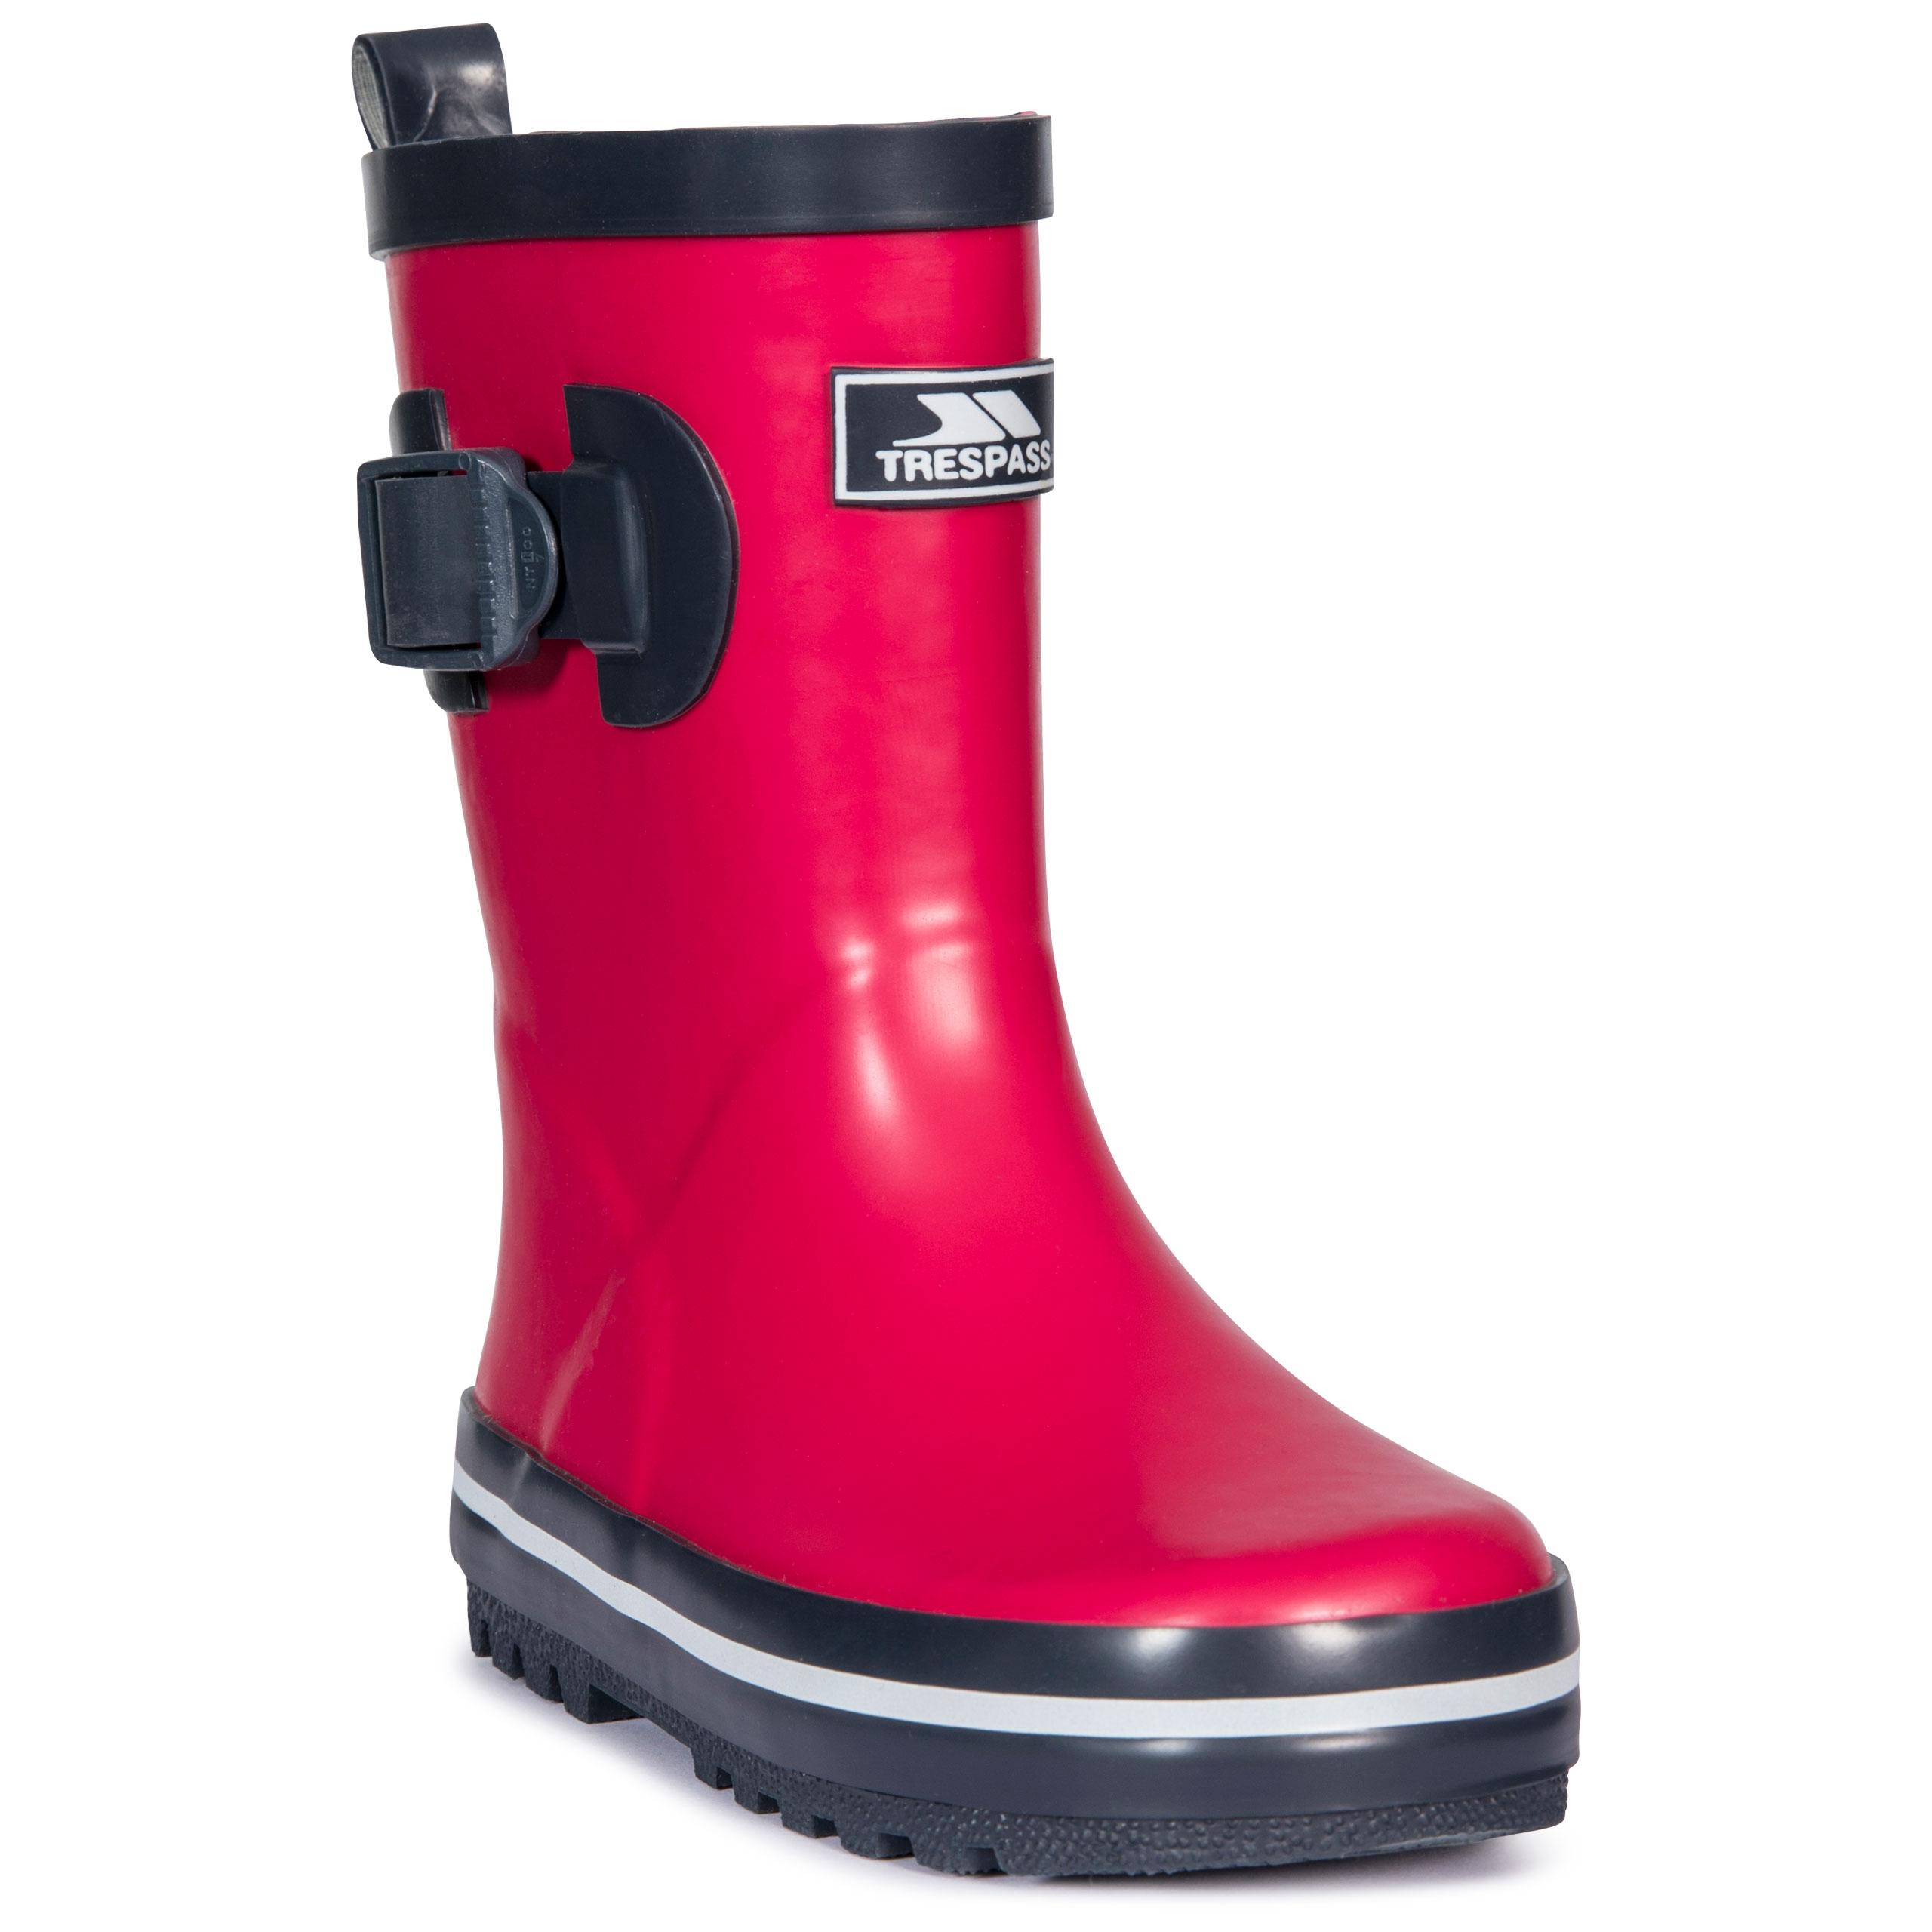 Trespass-Trumpet-Kids-Waterproof-Rain-Wellies-Boys-Girls-Rubber-Wellington-Boot thumbnail 21